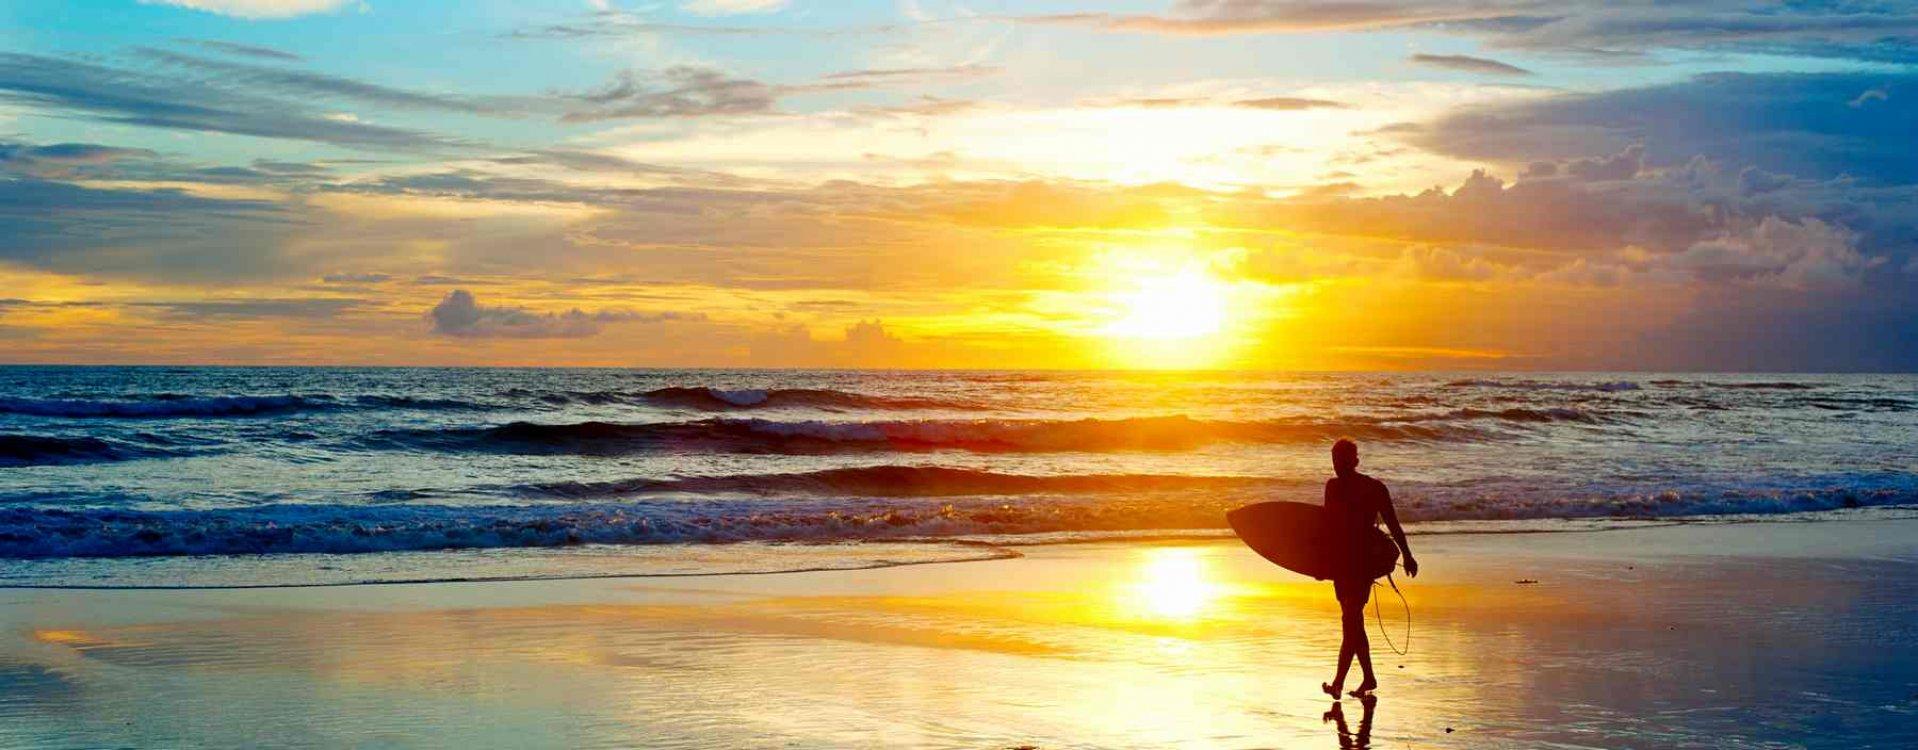 Sunset, Bali strand